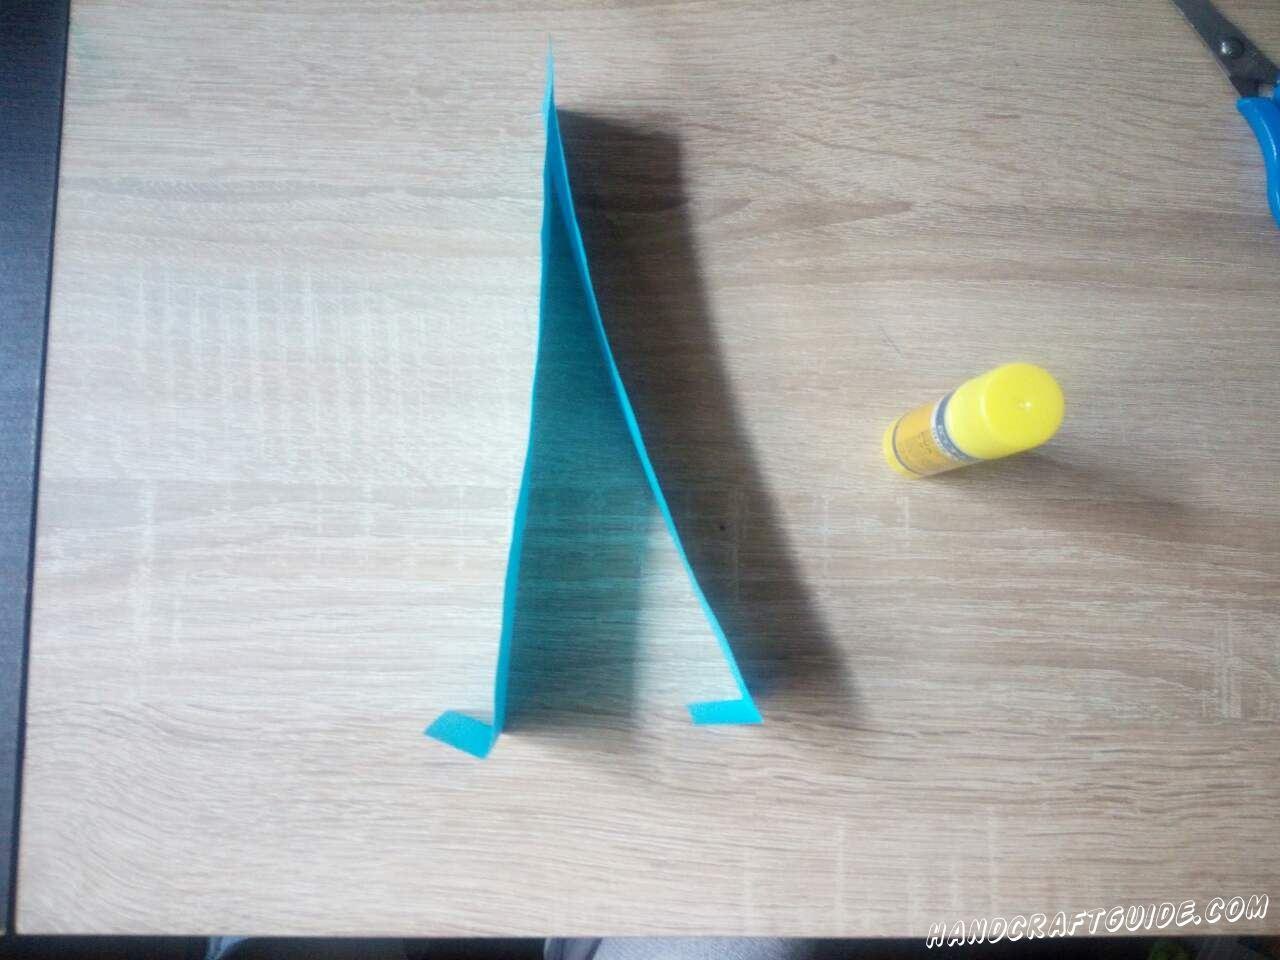 Склеиваем наши голубые полоски в одной стороне, а другую сторону немножечко загибаем